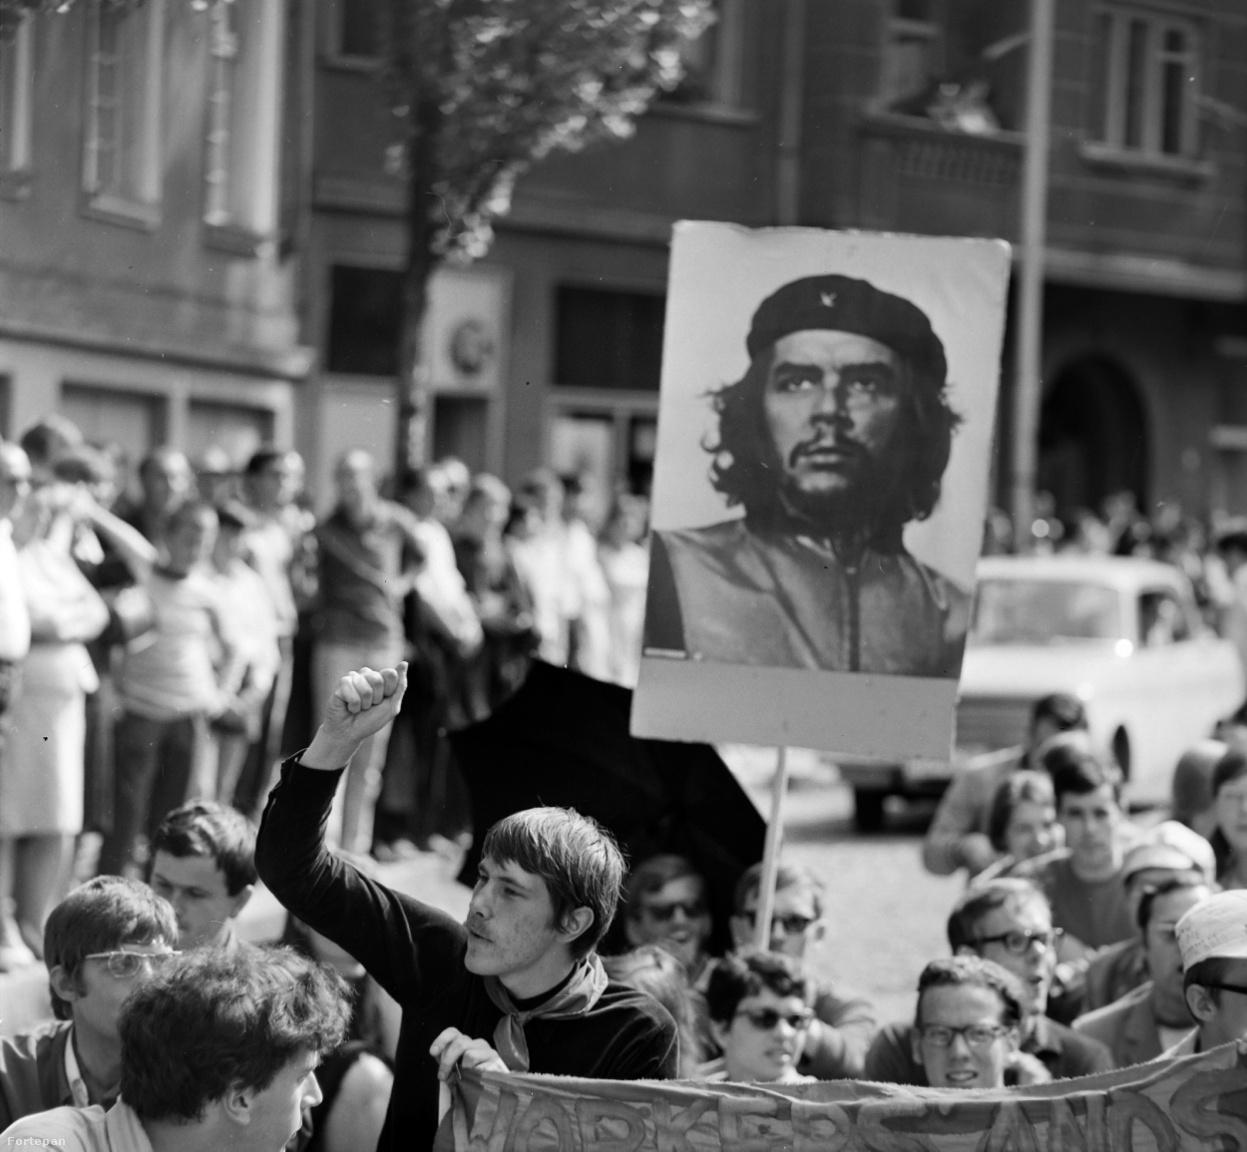 """""""A feltűnés keresésben talán a hollandok járnak az élen. Már az első nap nagy szenzáció volt különös koreográfiájú felvonulásuk. Tarkabarka külsejű csoportjukból magasra emelkedik Che Guevara képe. Esernyőre, transzparensre és ruháikra festett jelszavaikkal letelepszenek a kövezetre. Munkás és diák önigazgatást követelnek, és semmivel a világon nincsenek megelégedve"""" - írta a kádári konszolidáció kispolgári fejcsóválásával a magyar sajtó."""